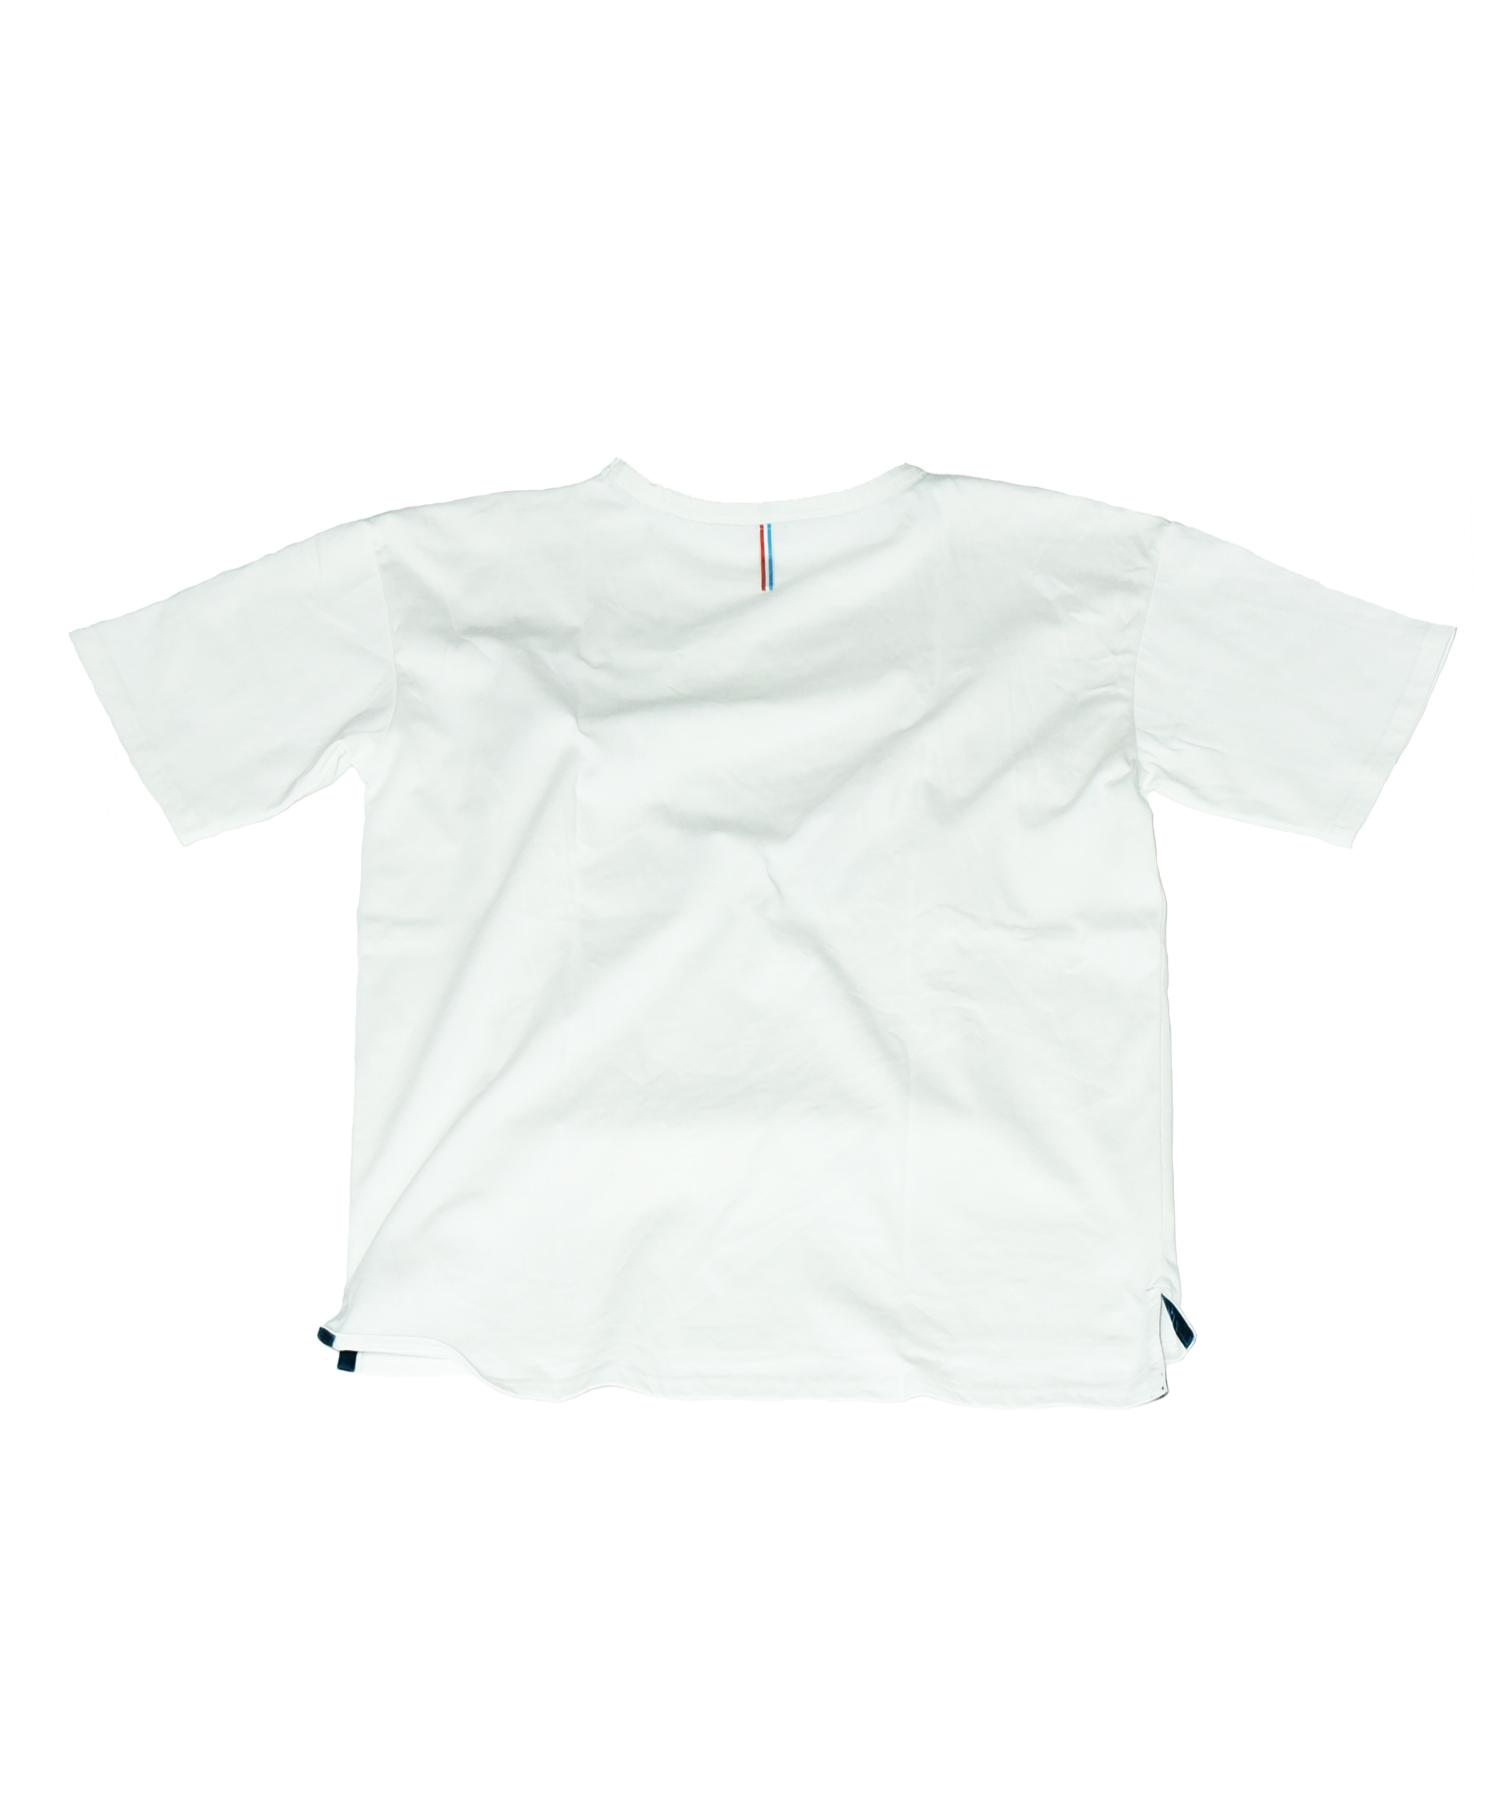 バッファロー T-シャツ02